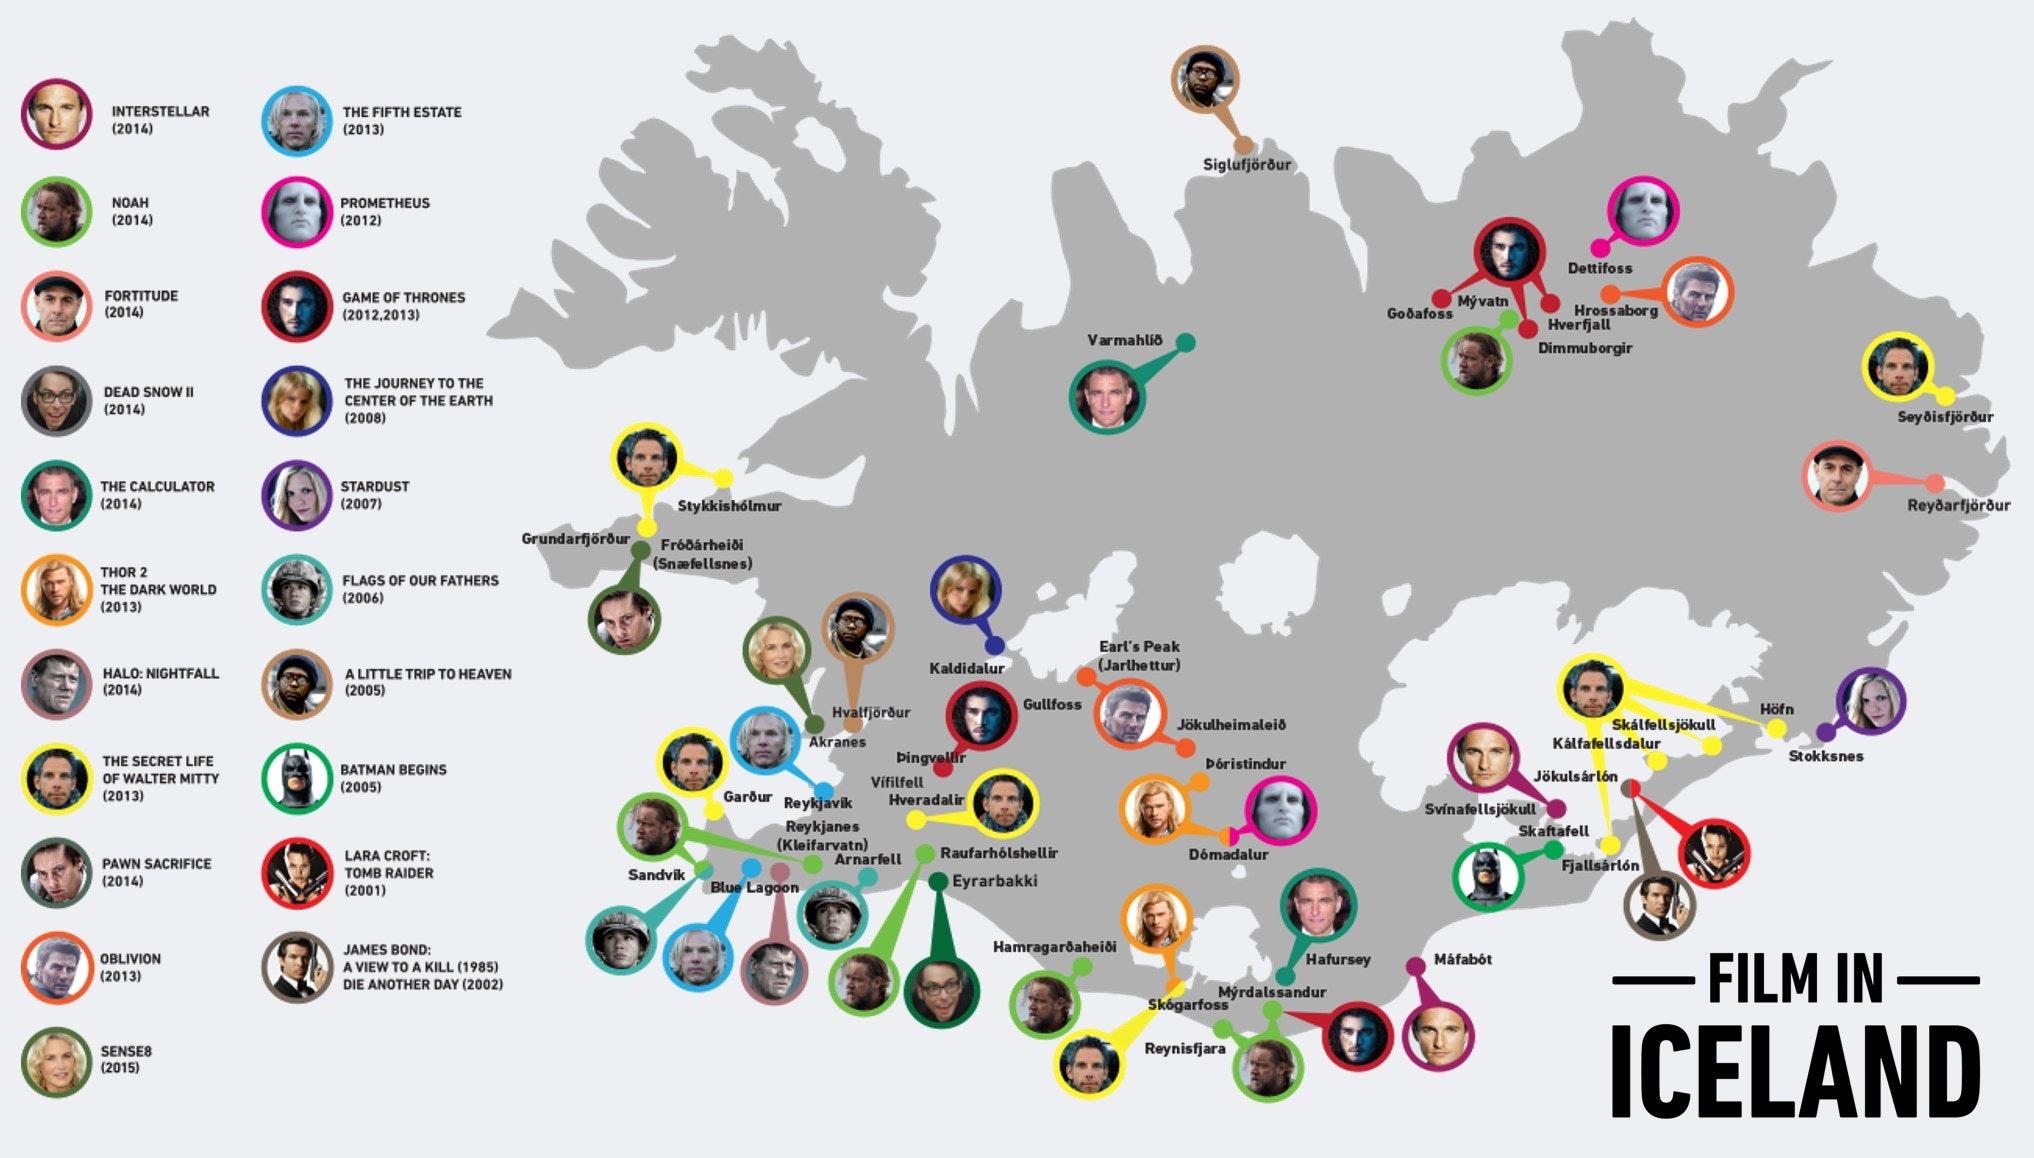 冰岛电影取景地